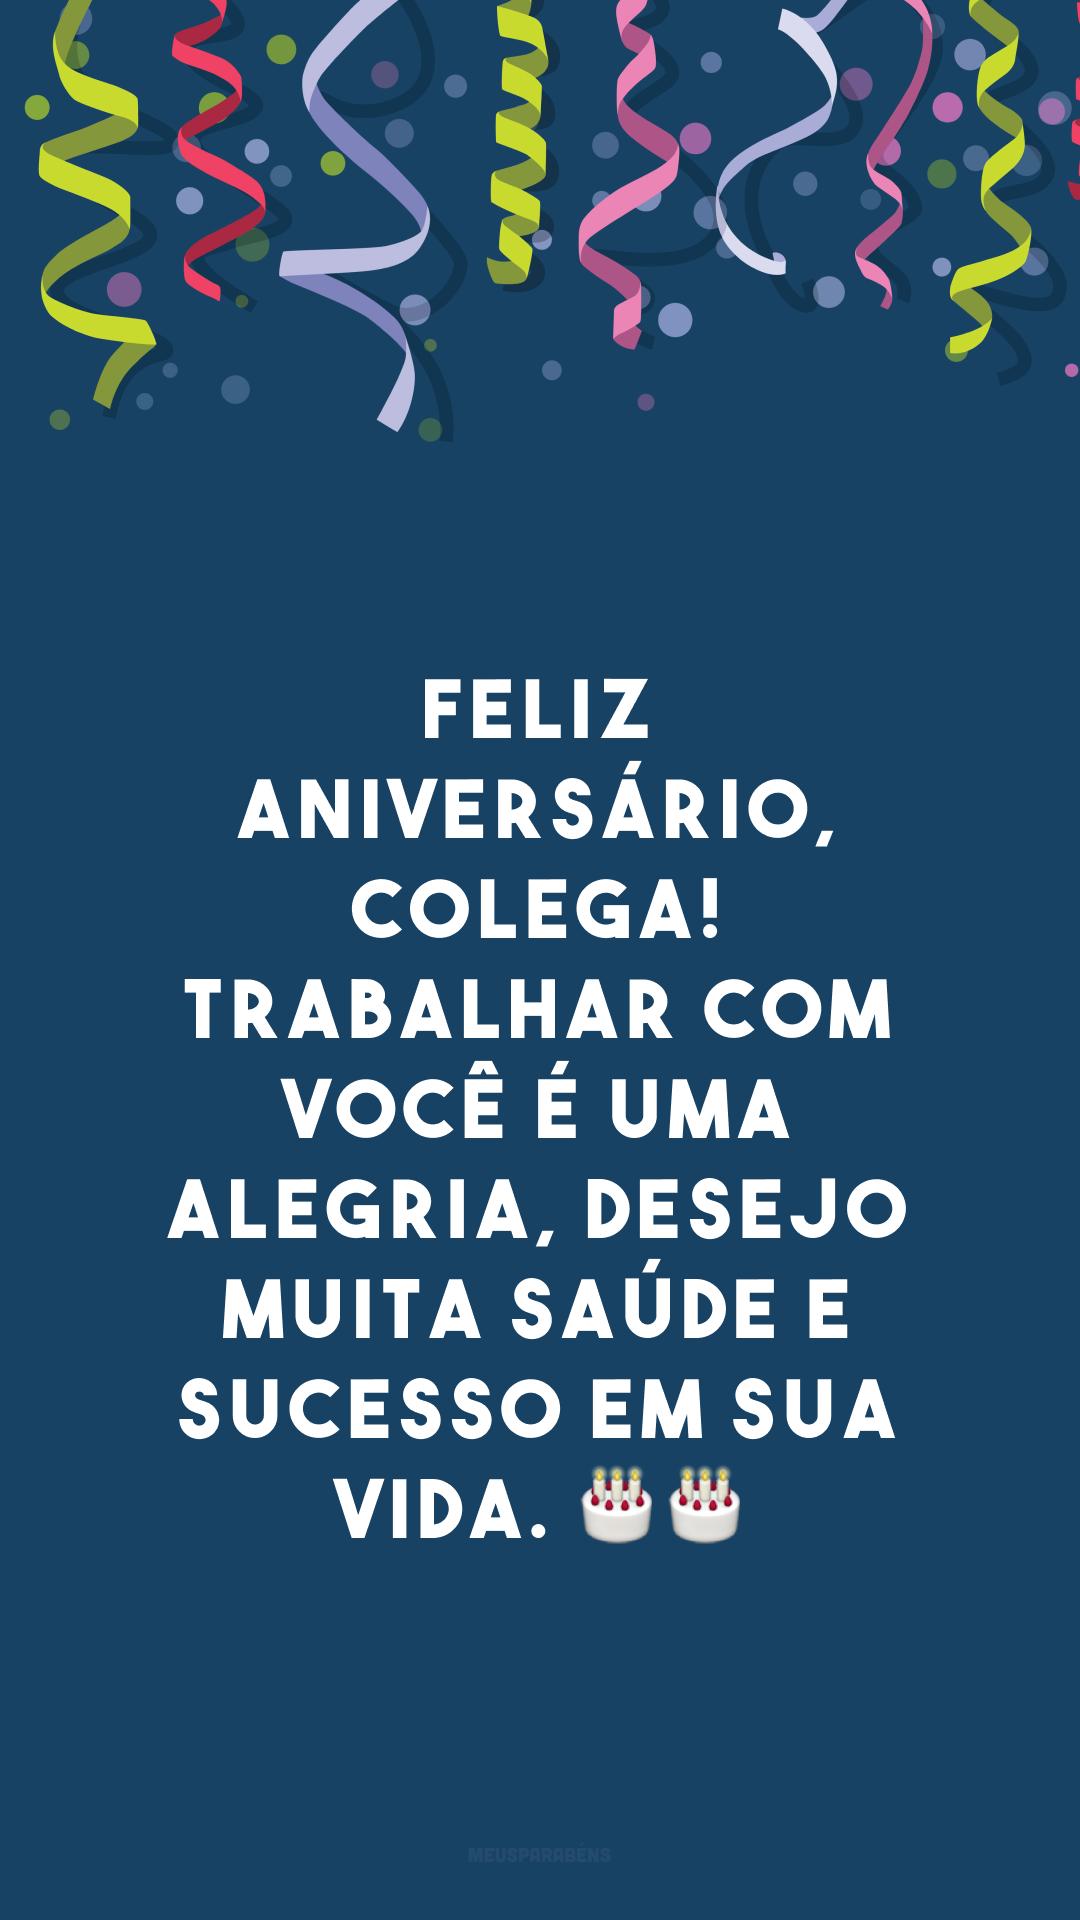 Feliz aniversário, colega! Trabalhar com você é uma alegria, desejo muita saúde e sucesso em sua vida. 🎂🎂